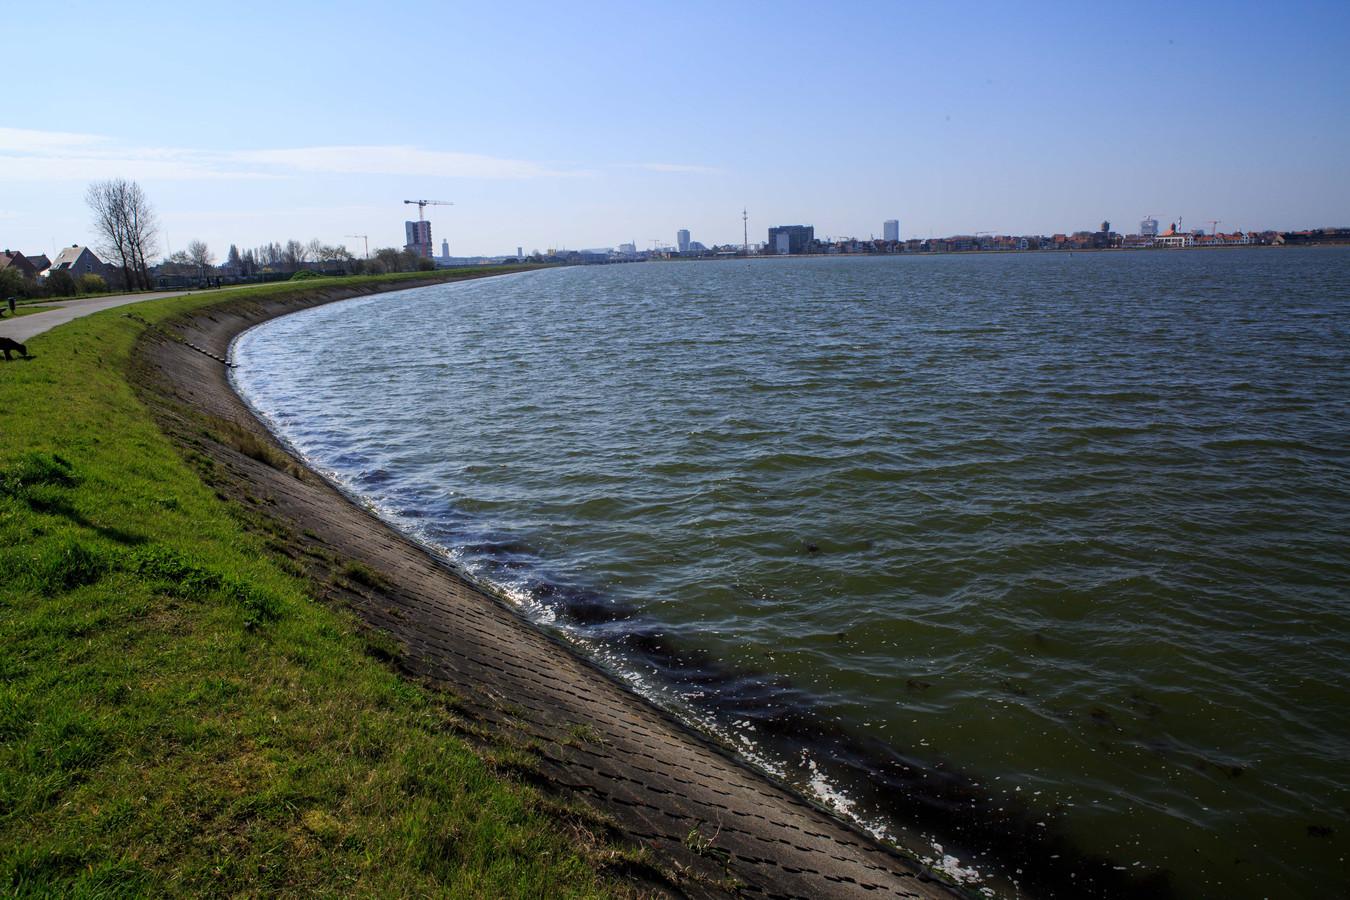 De bendeoorlog vond plaats rond in de buurt rond de Spuikom.